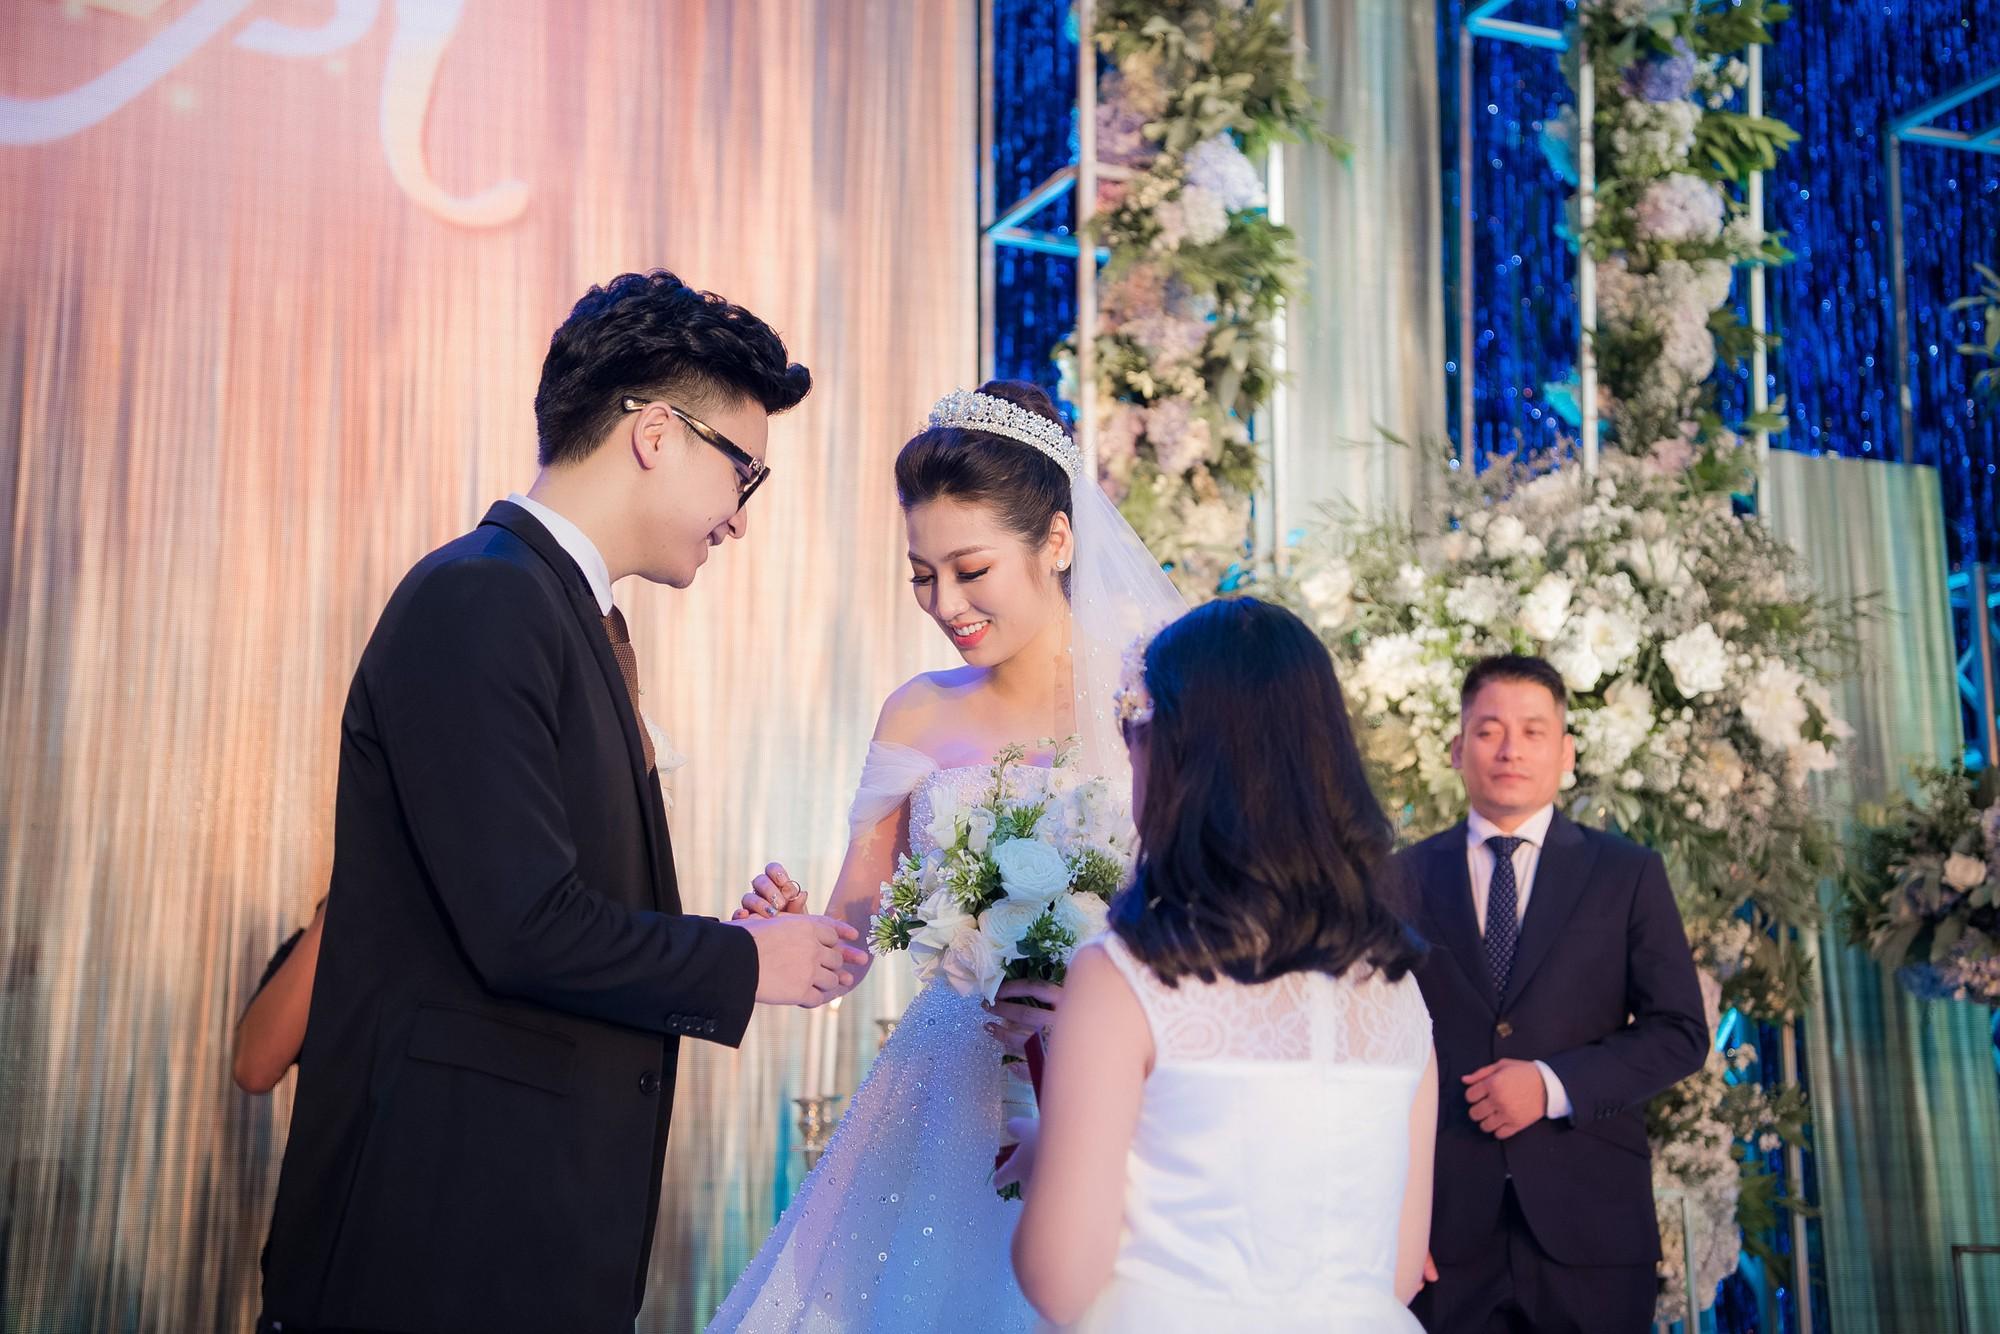 Điểm lại 5 đám cưới đình đám nhất showbiz Việt năm 2018: Xa hoa, lãng mạn và được bảo vệ nghiêm ngặt tới từng chi tiết - Ảnh 10.